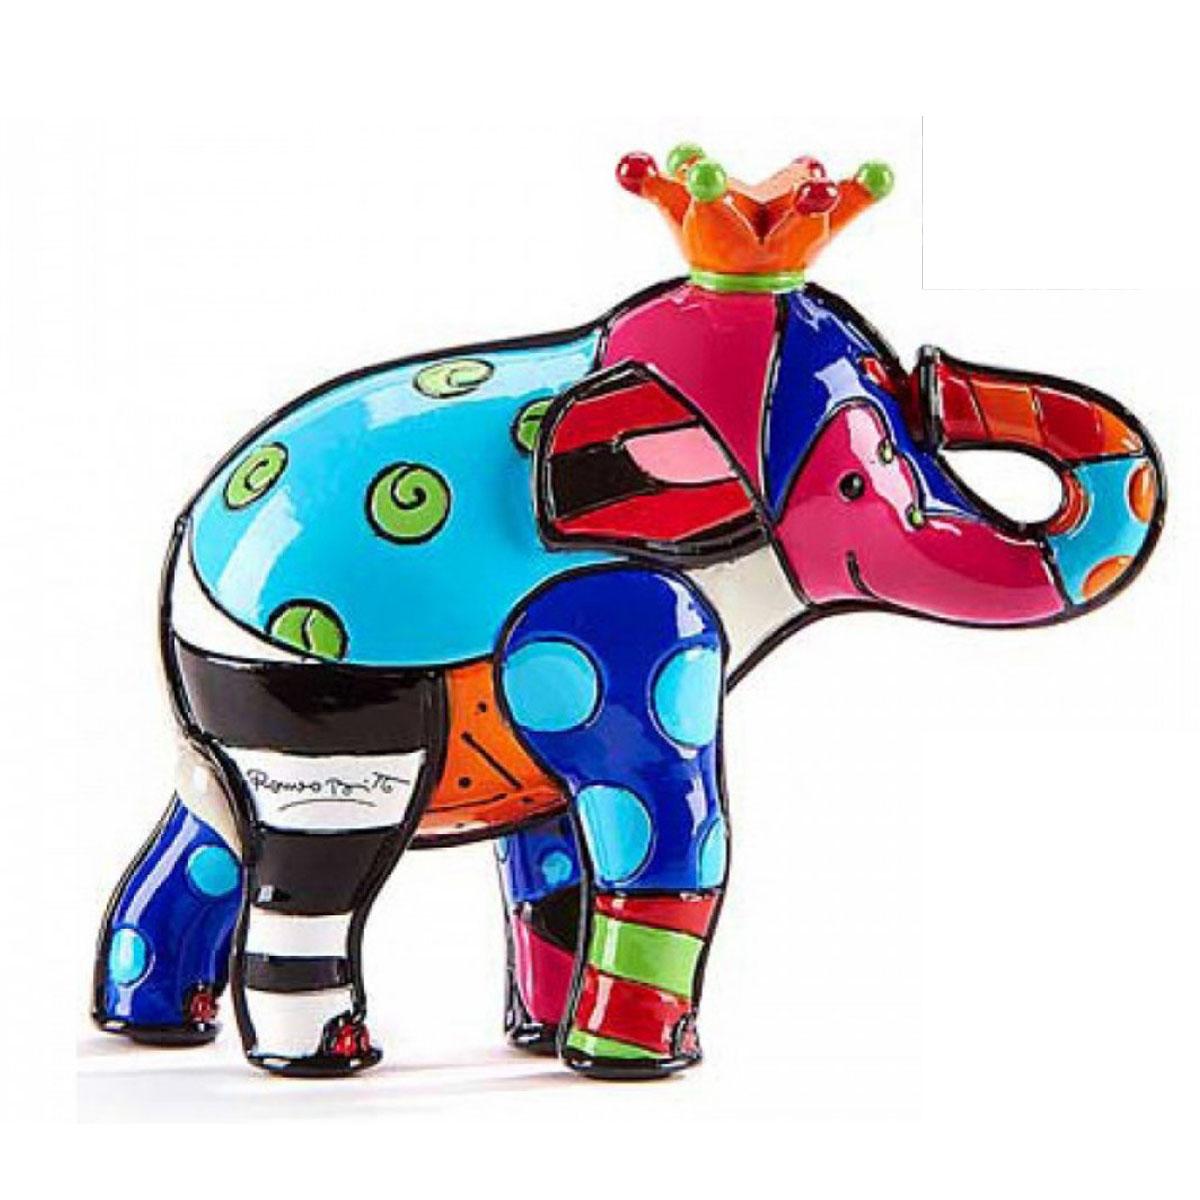 Figurine créateur \'Britto\' multicolore (éléphant) - 70 mm - [A2827]